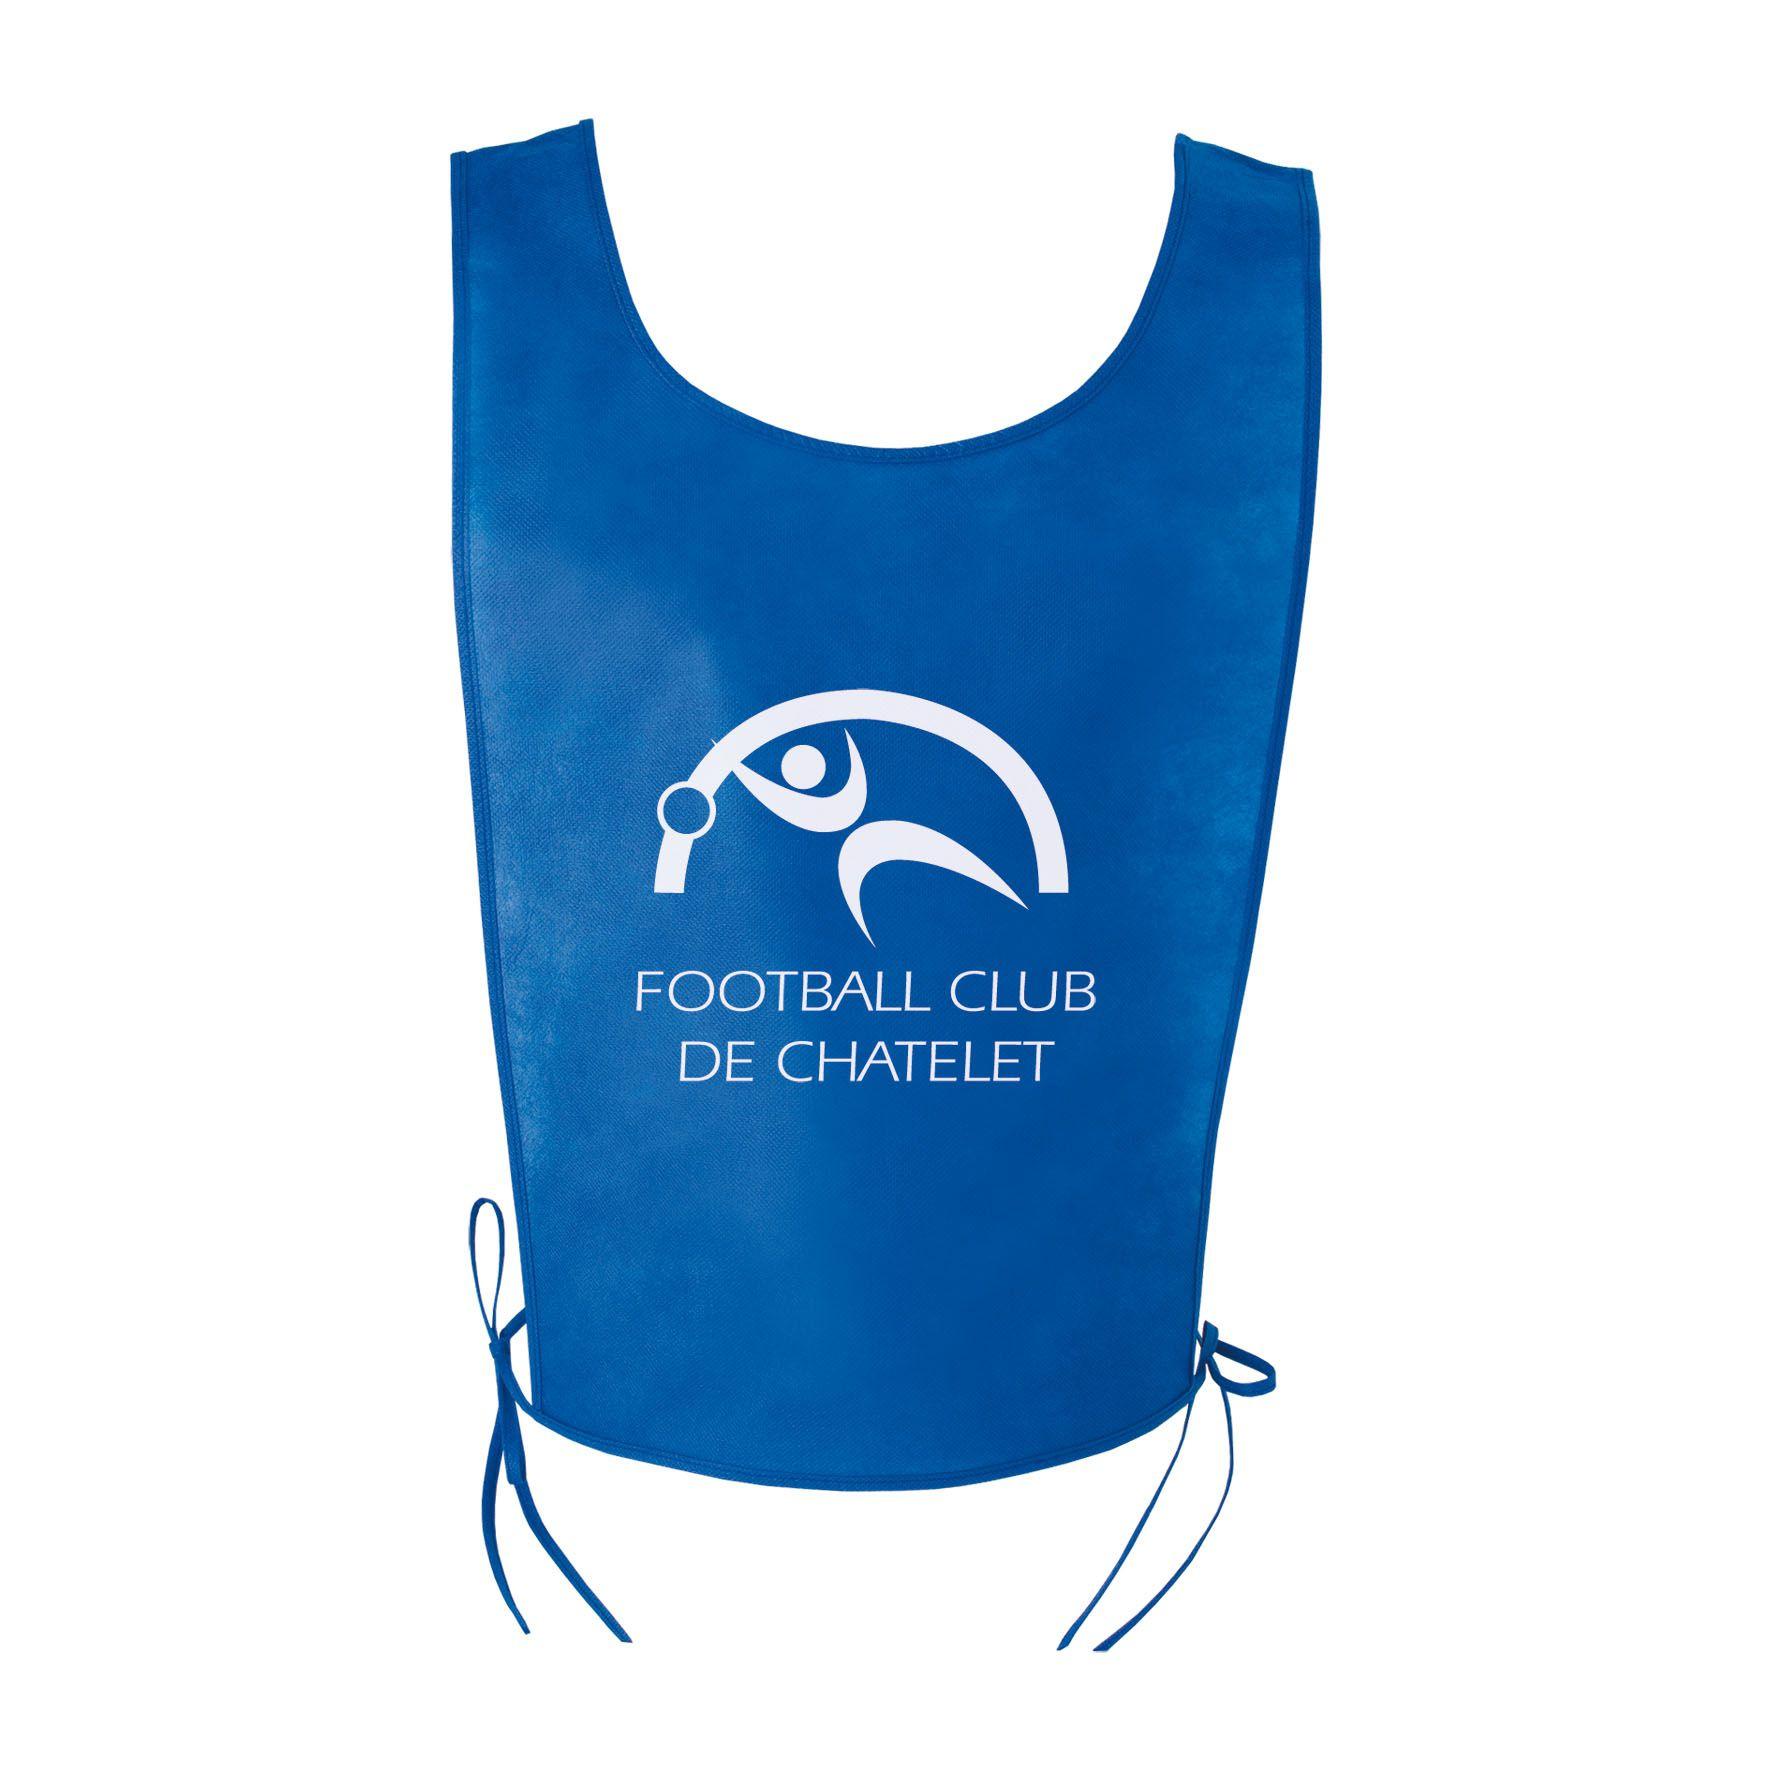 Objet publicitaire sport - Chasuble publicitaire sport Athlé - bleu